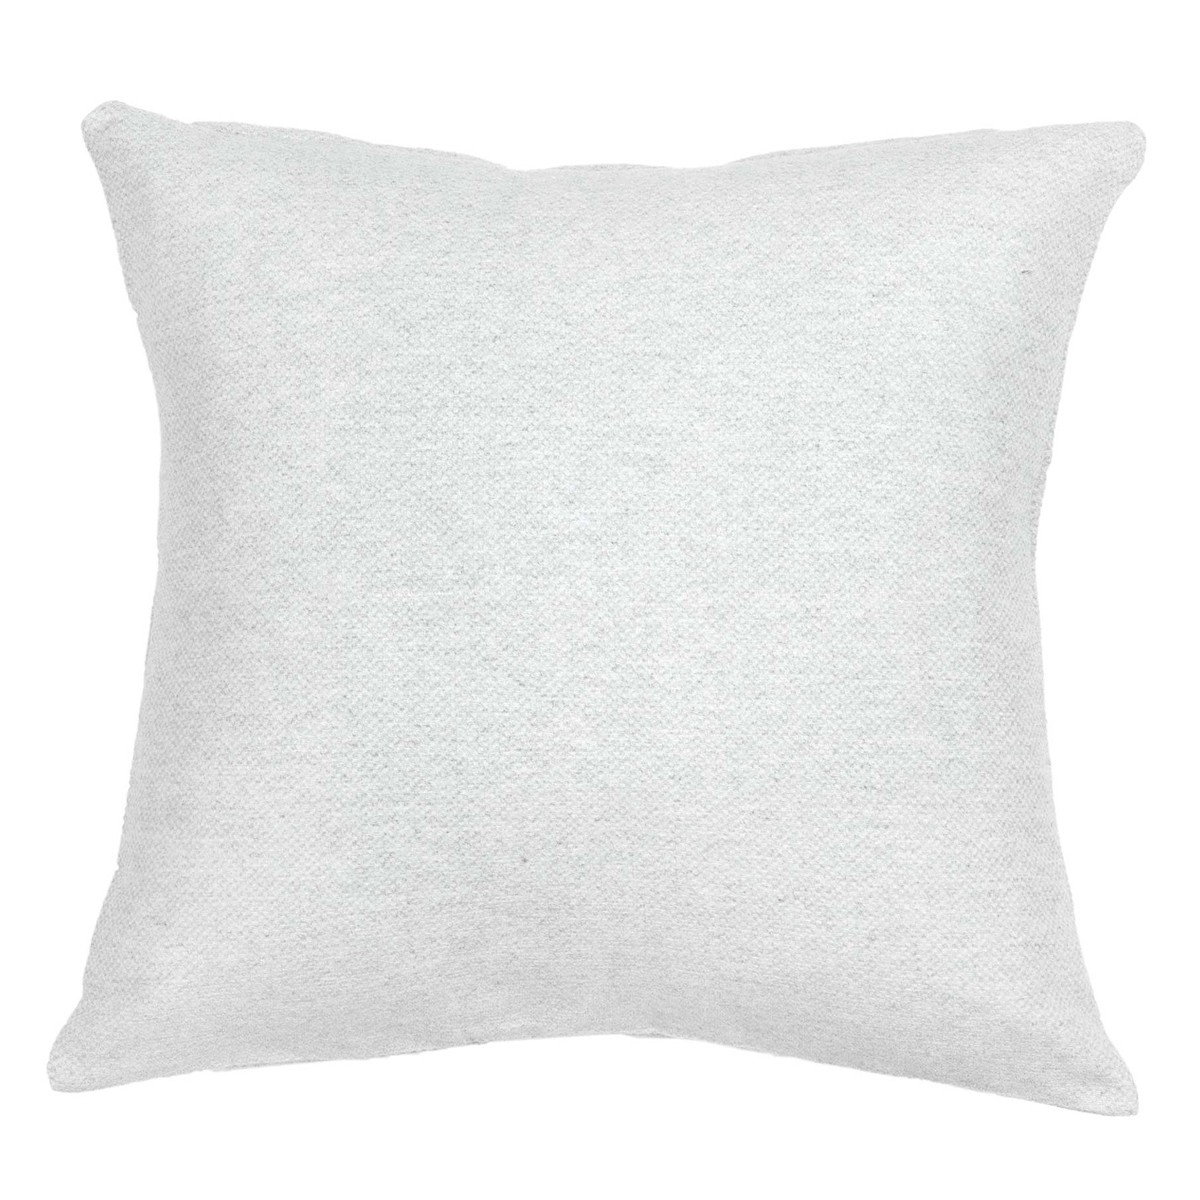 Διακοσμητική Μαξιλαροθήκη Nima Cushions Moreno Grey